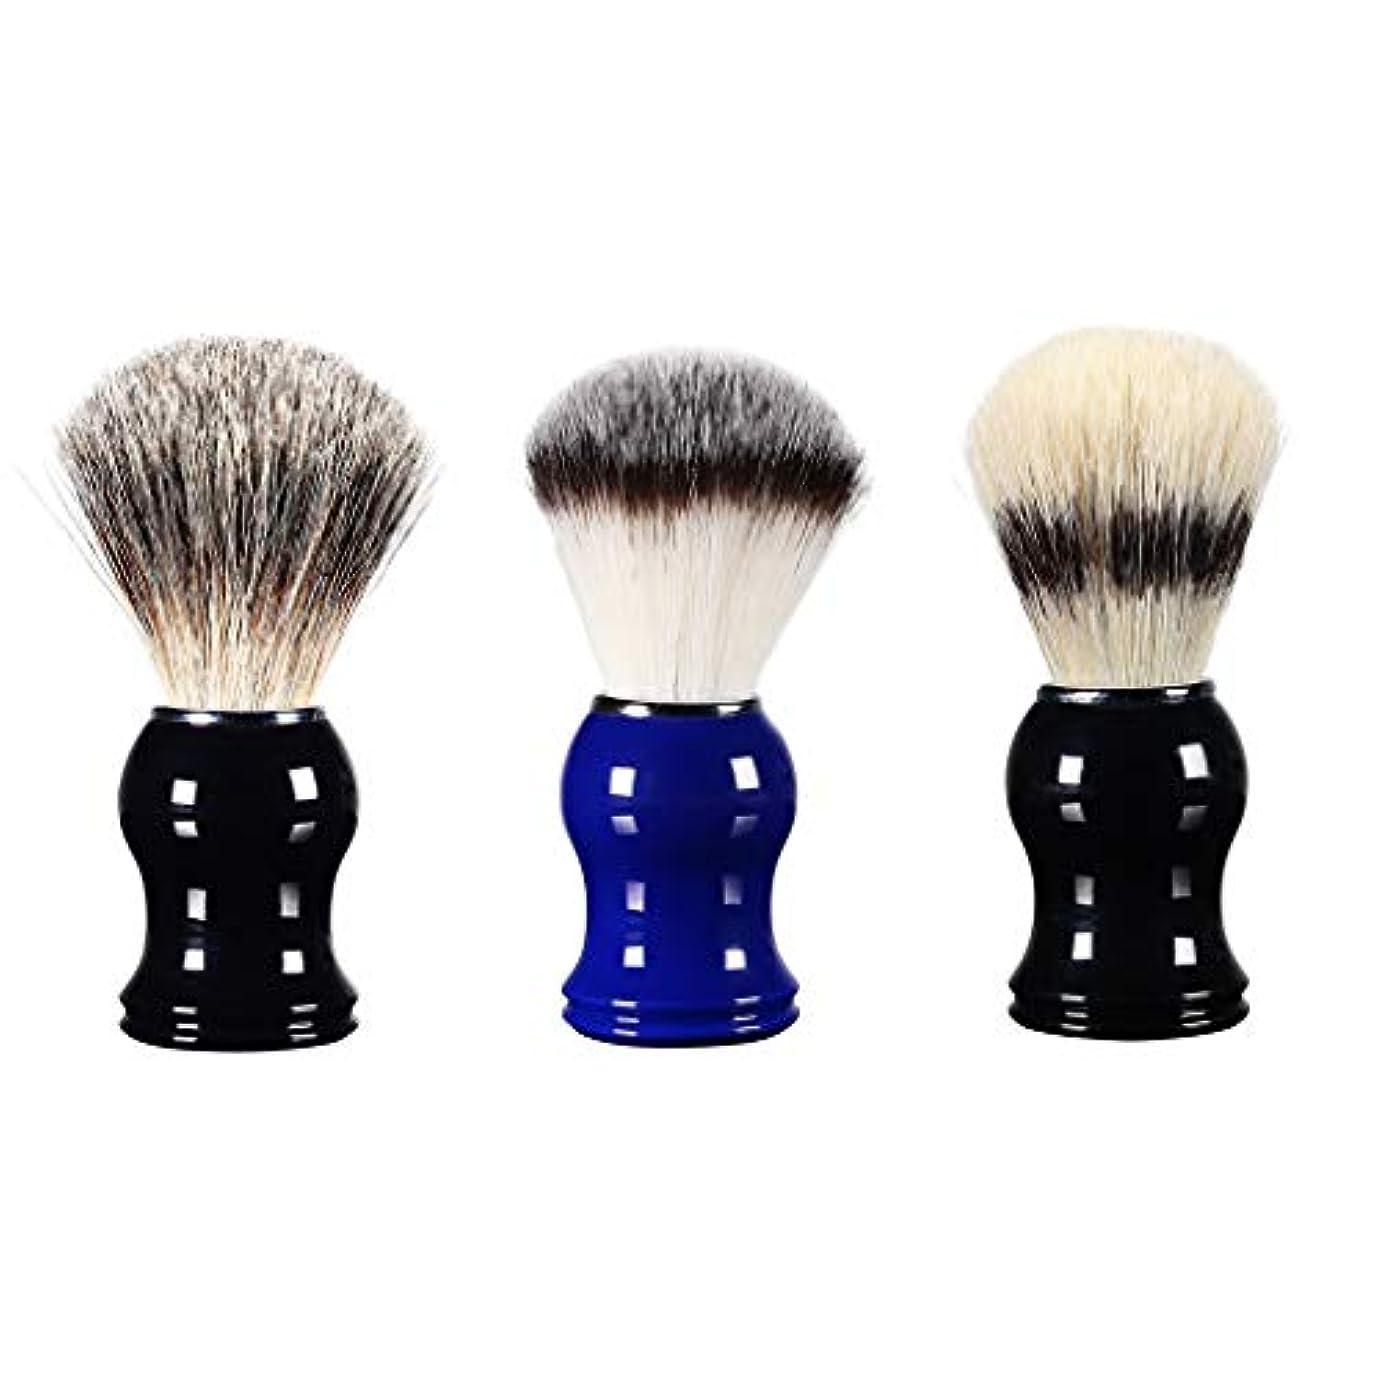 単位神経印刷する3個 男性用 シェービング用ブラシ 理容 洗顔 髭剃り 泡立ち アクセサリー